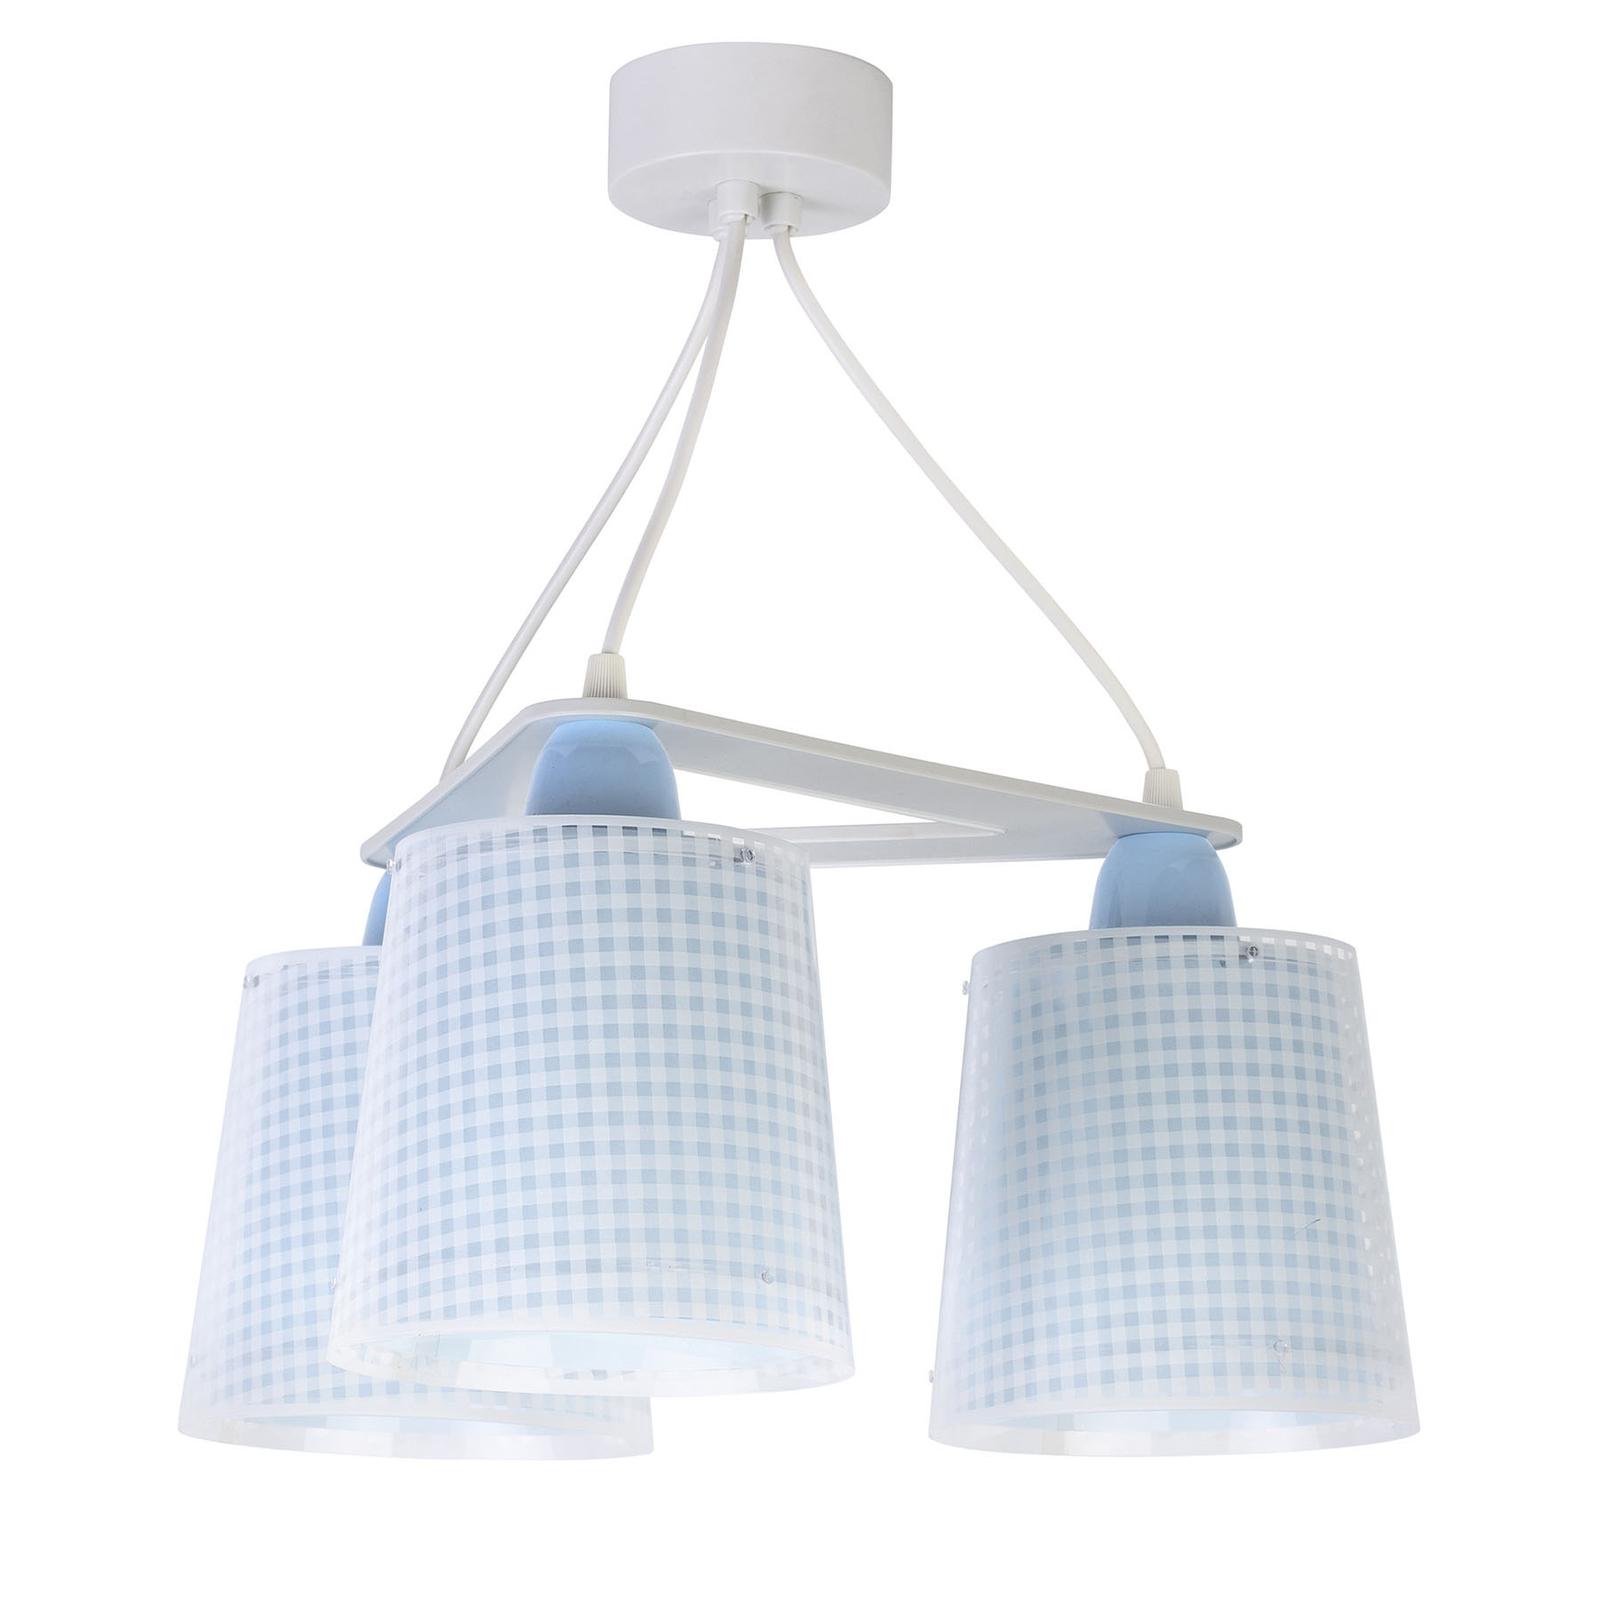 Lampa wisząca dziecięca Vichy, 3-pkt., niebieska